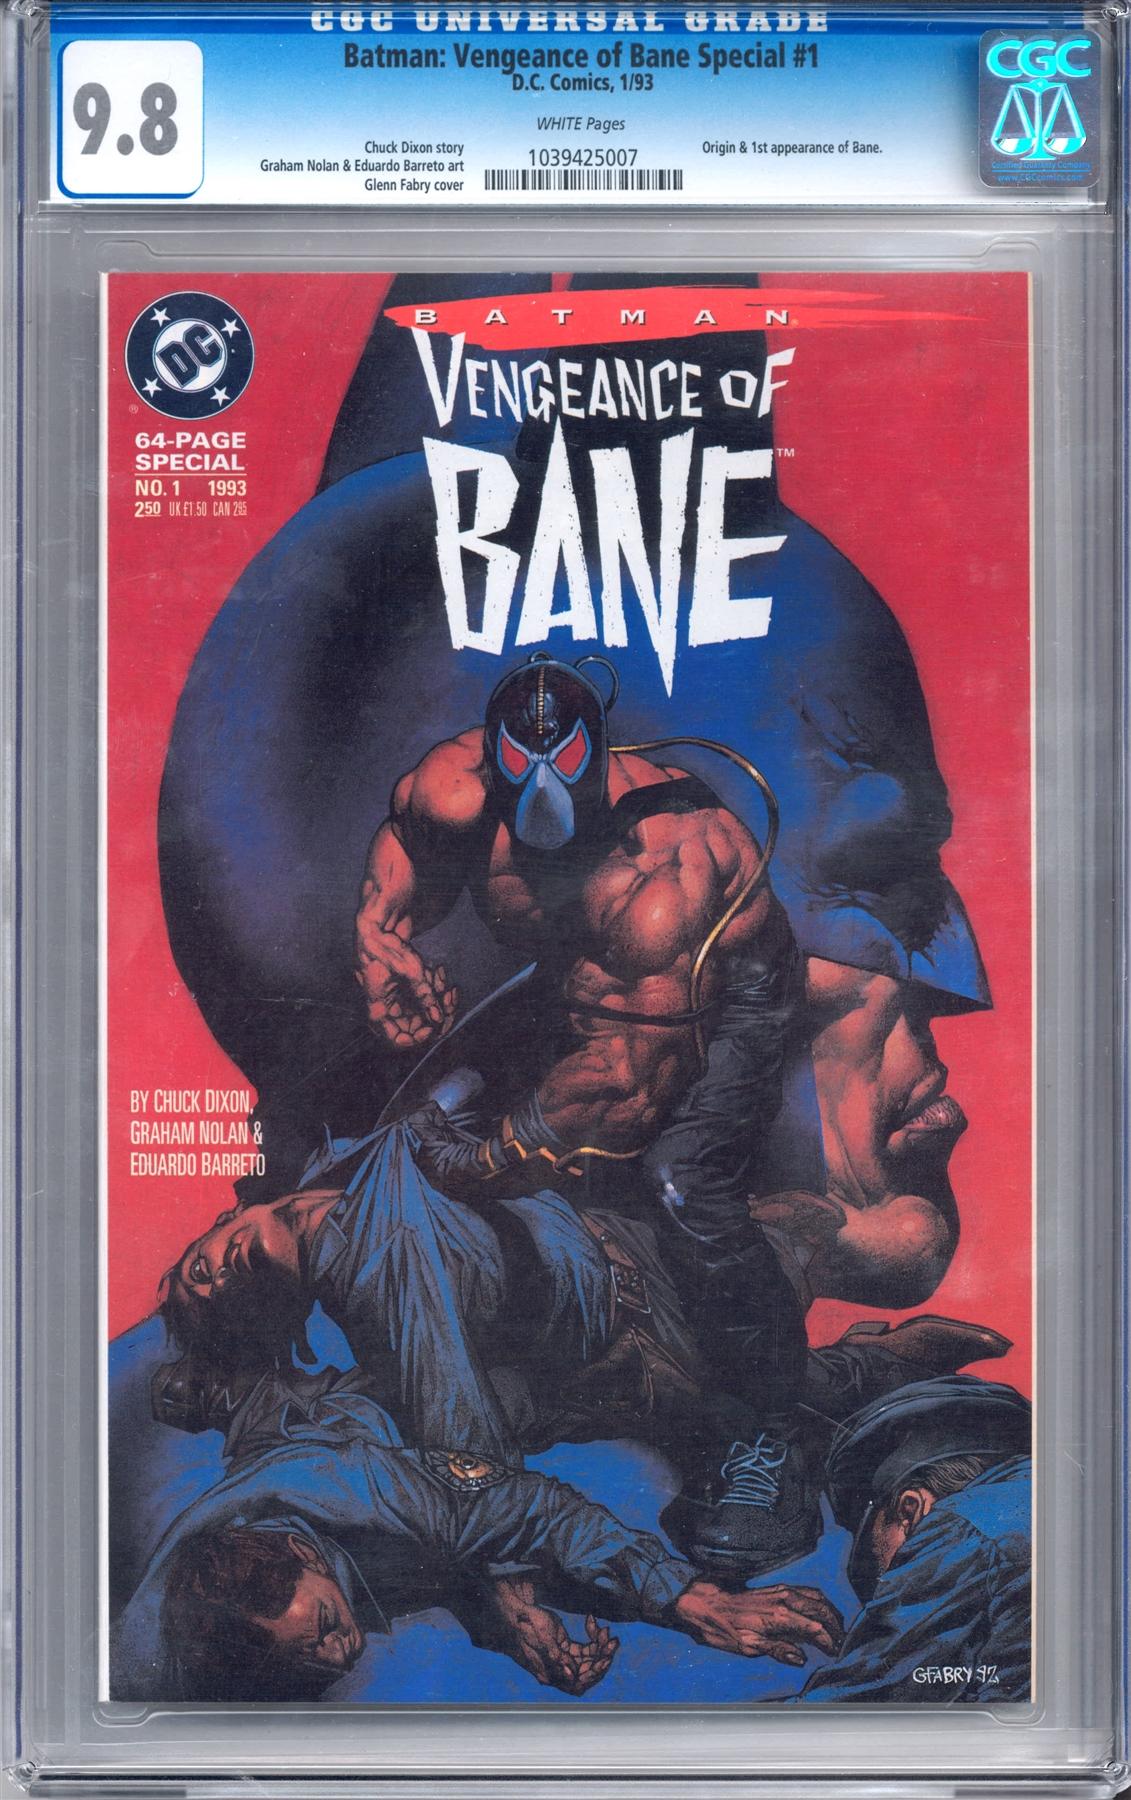 Batman vengeance of bane pdf download